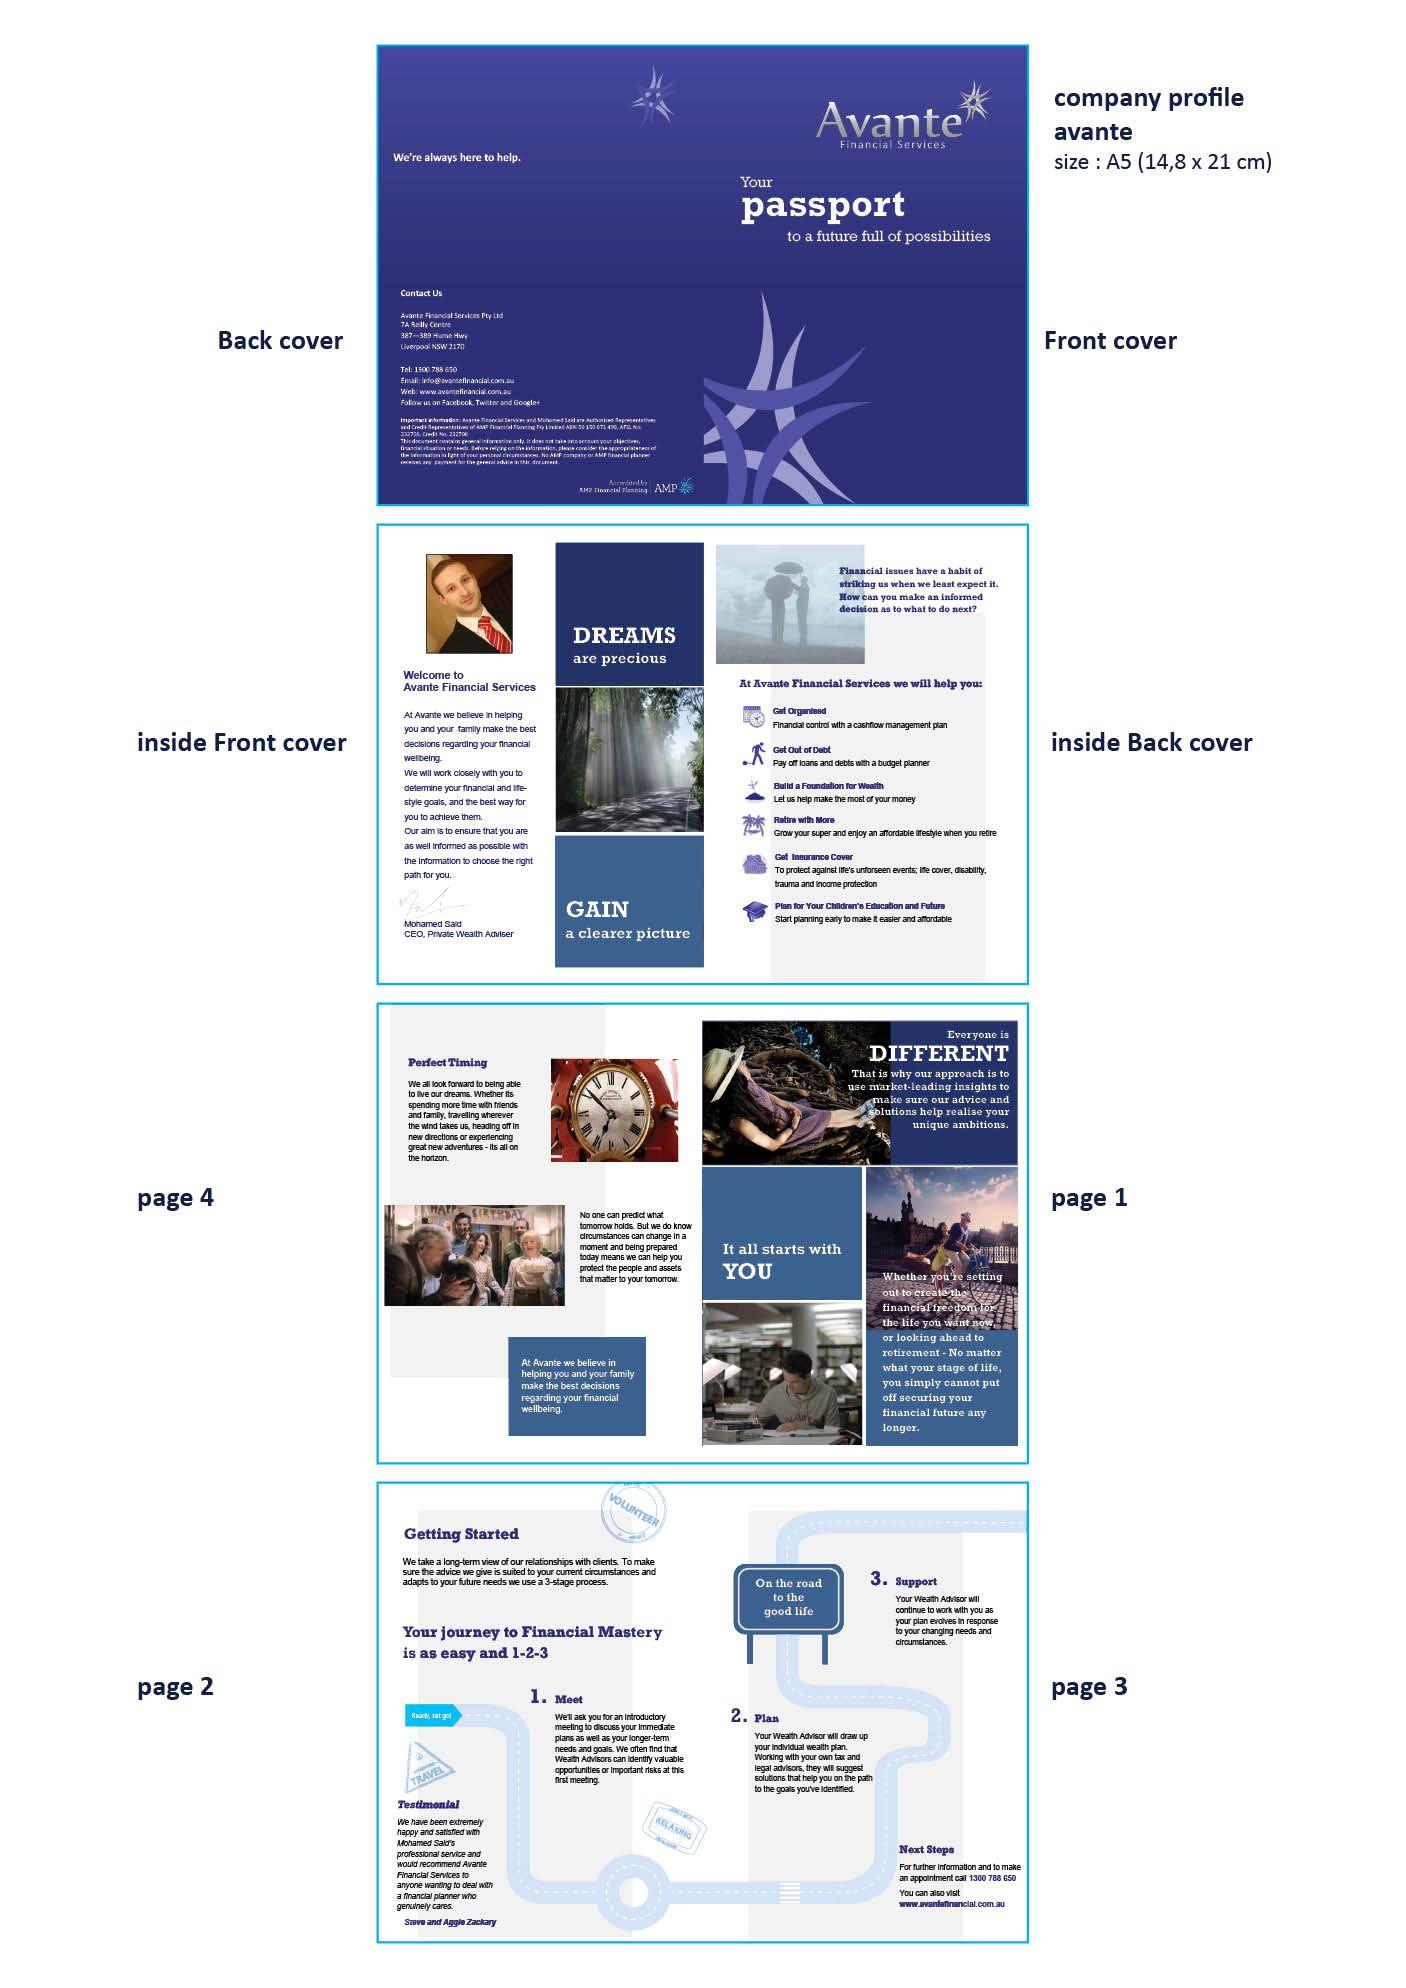 my mine print design, bidang  jasa desain, Digital Printing, dan PercetakanUntuk   keterangan lebih lanjut bisa hubungi kami di : Mobile : 0856 9722 1897 (sms/tlp) 0838 7555 7433 (tlp / wa) 25FB3A5F (pin bb) Andhika Pratama